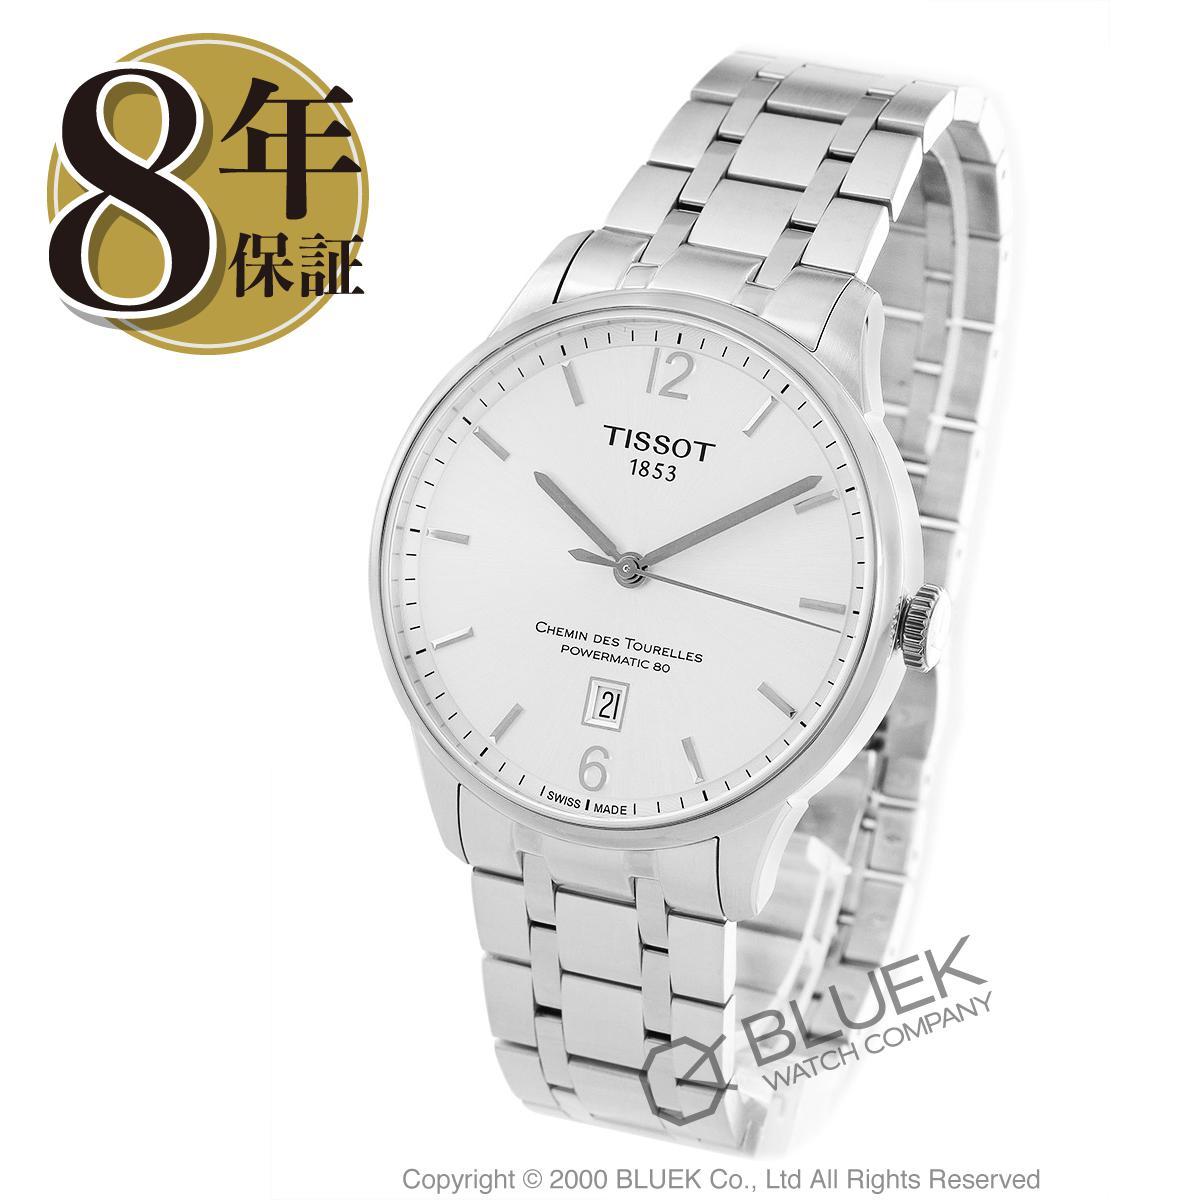 ティソ T-クラシック シュマン・デ・トゥレル 腕時計 メンズ TISSOT T099.407.11.037.00_8 バーゲン 成人祝い ギフト プレゼント